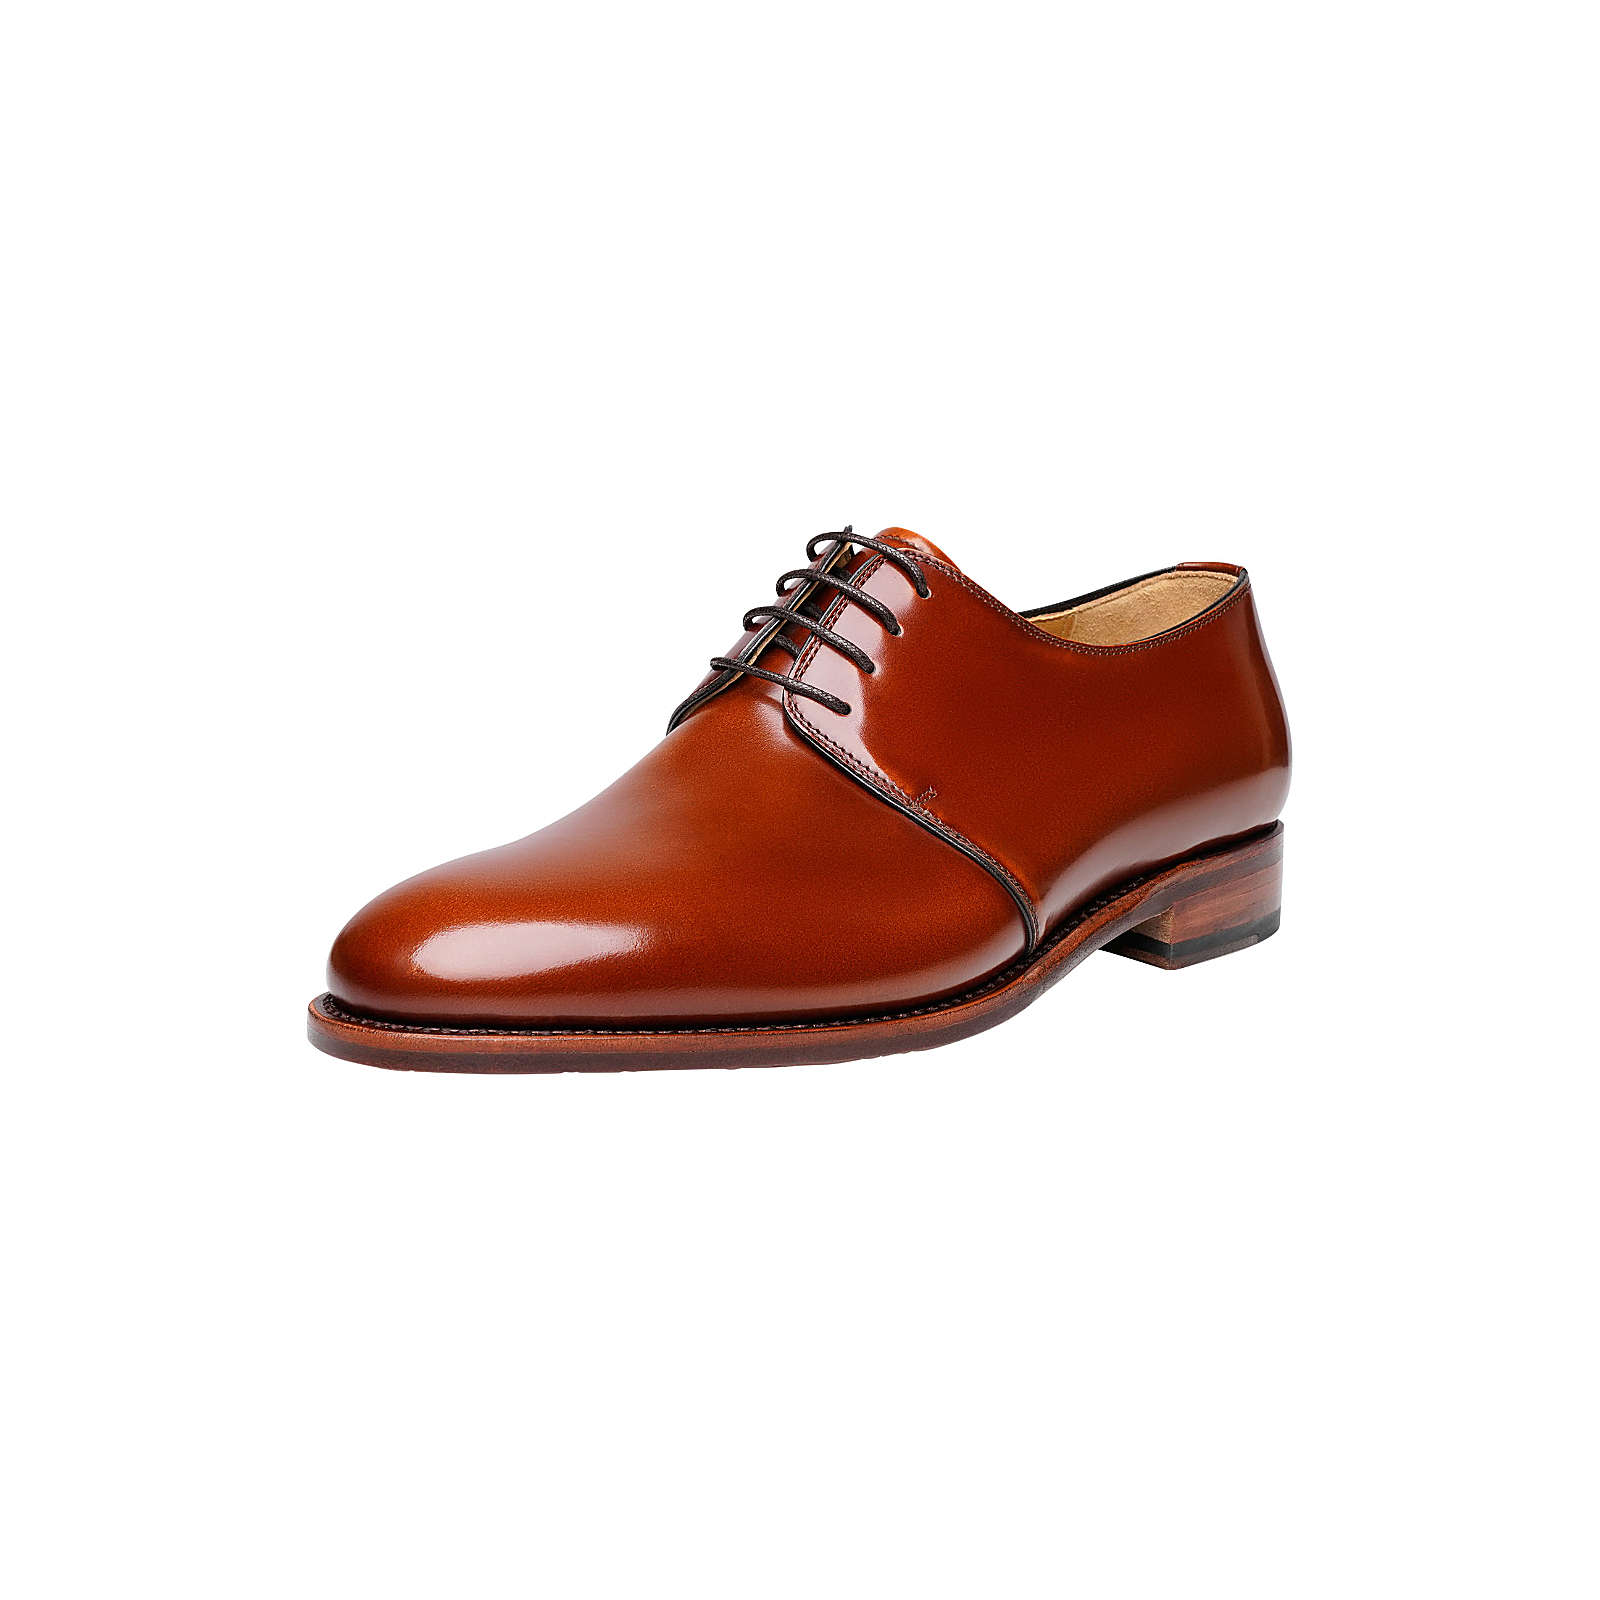 Shoepassion Businessschuhe No. 5518 Business-Schnürschuhe hellbraun Herren Gr. 44